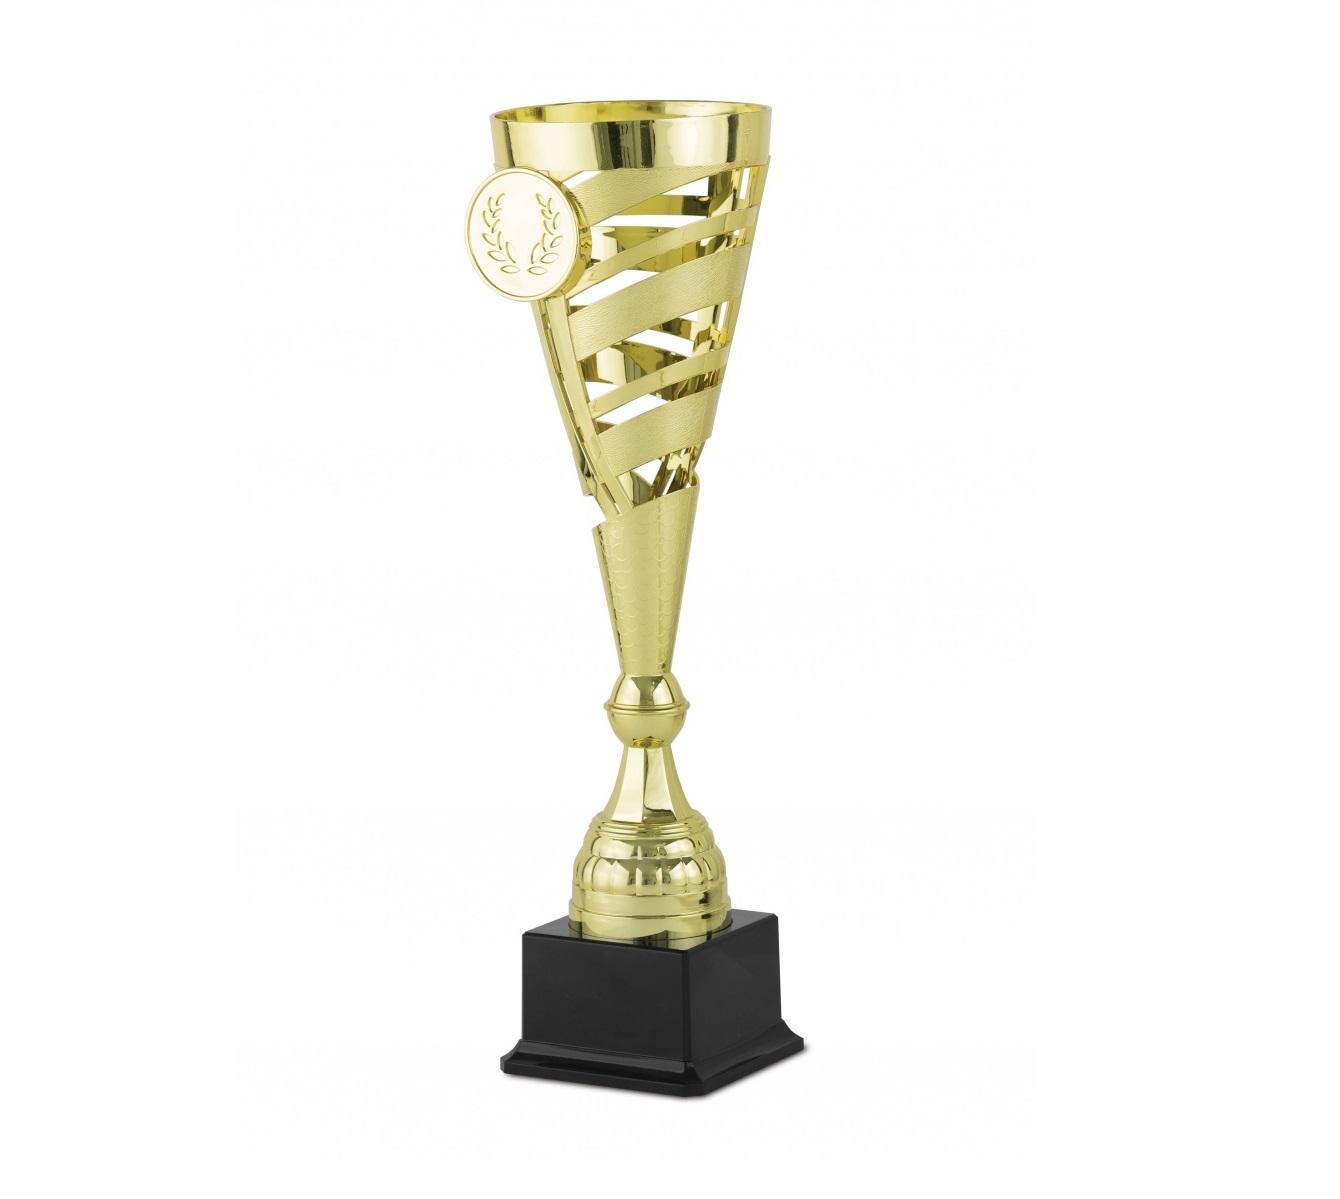 Copa Acrílico Modelo Ases ORO 40,5 cm